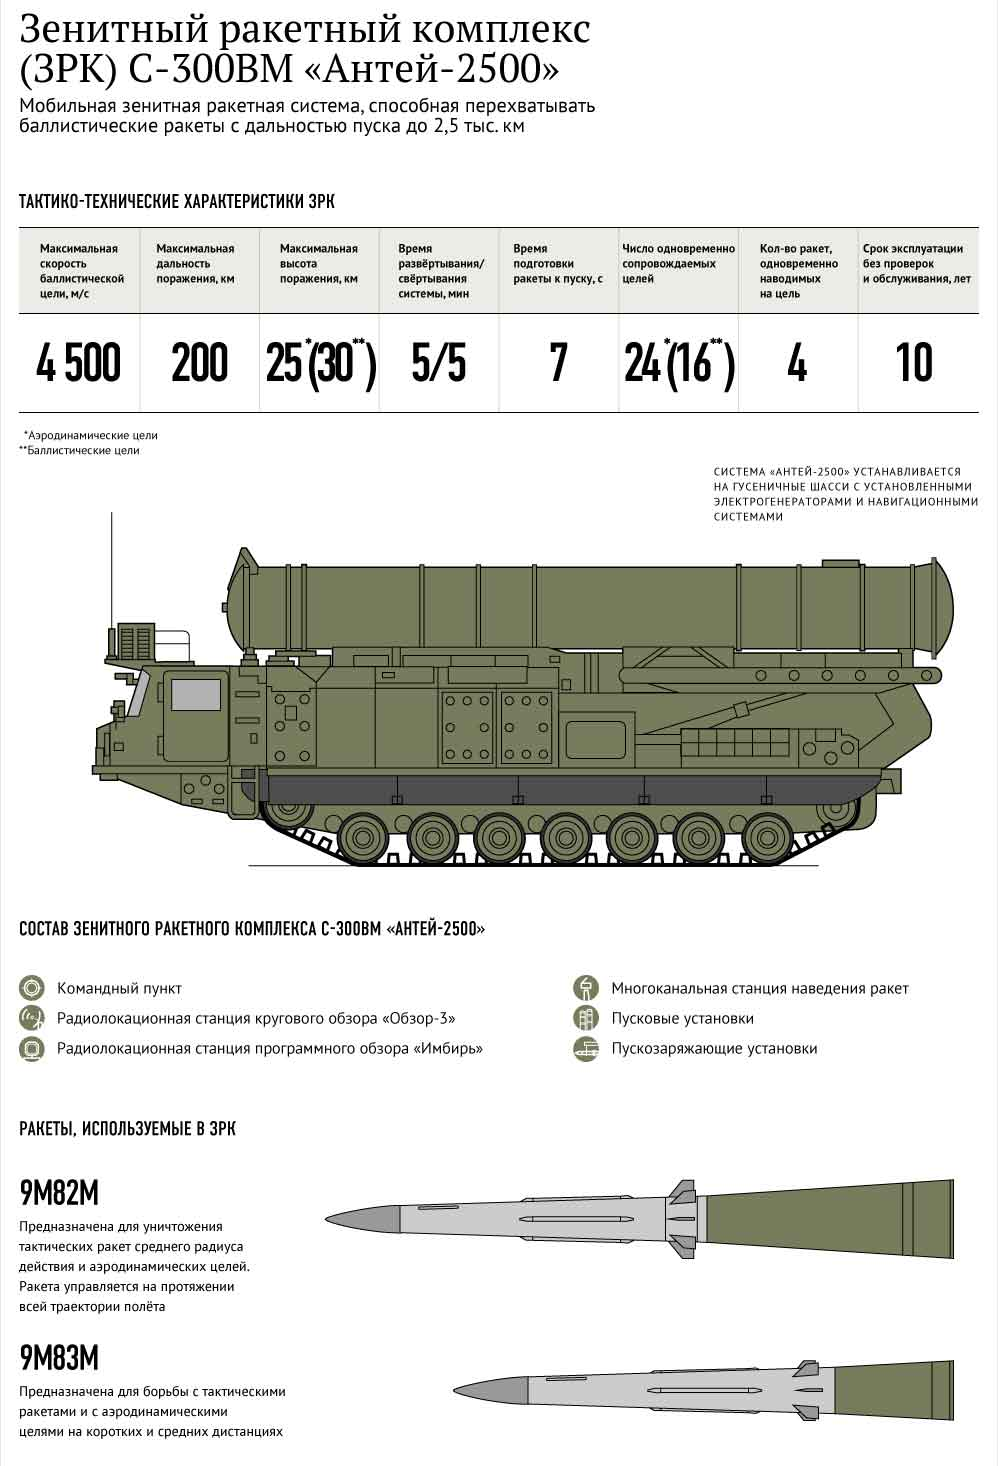 Зенитный комплекс Антей-2500